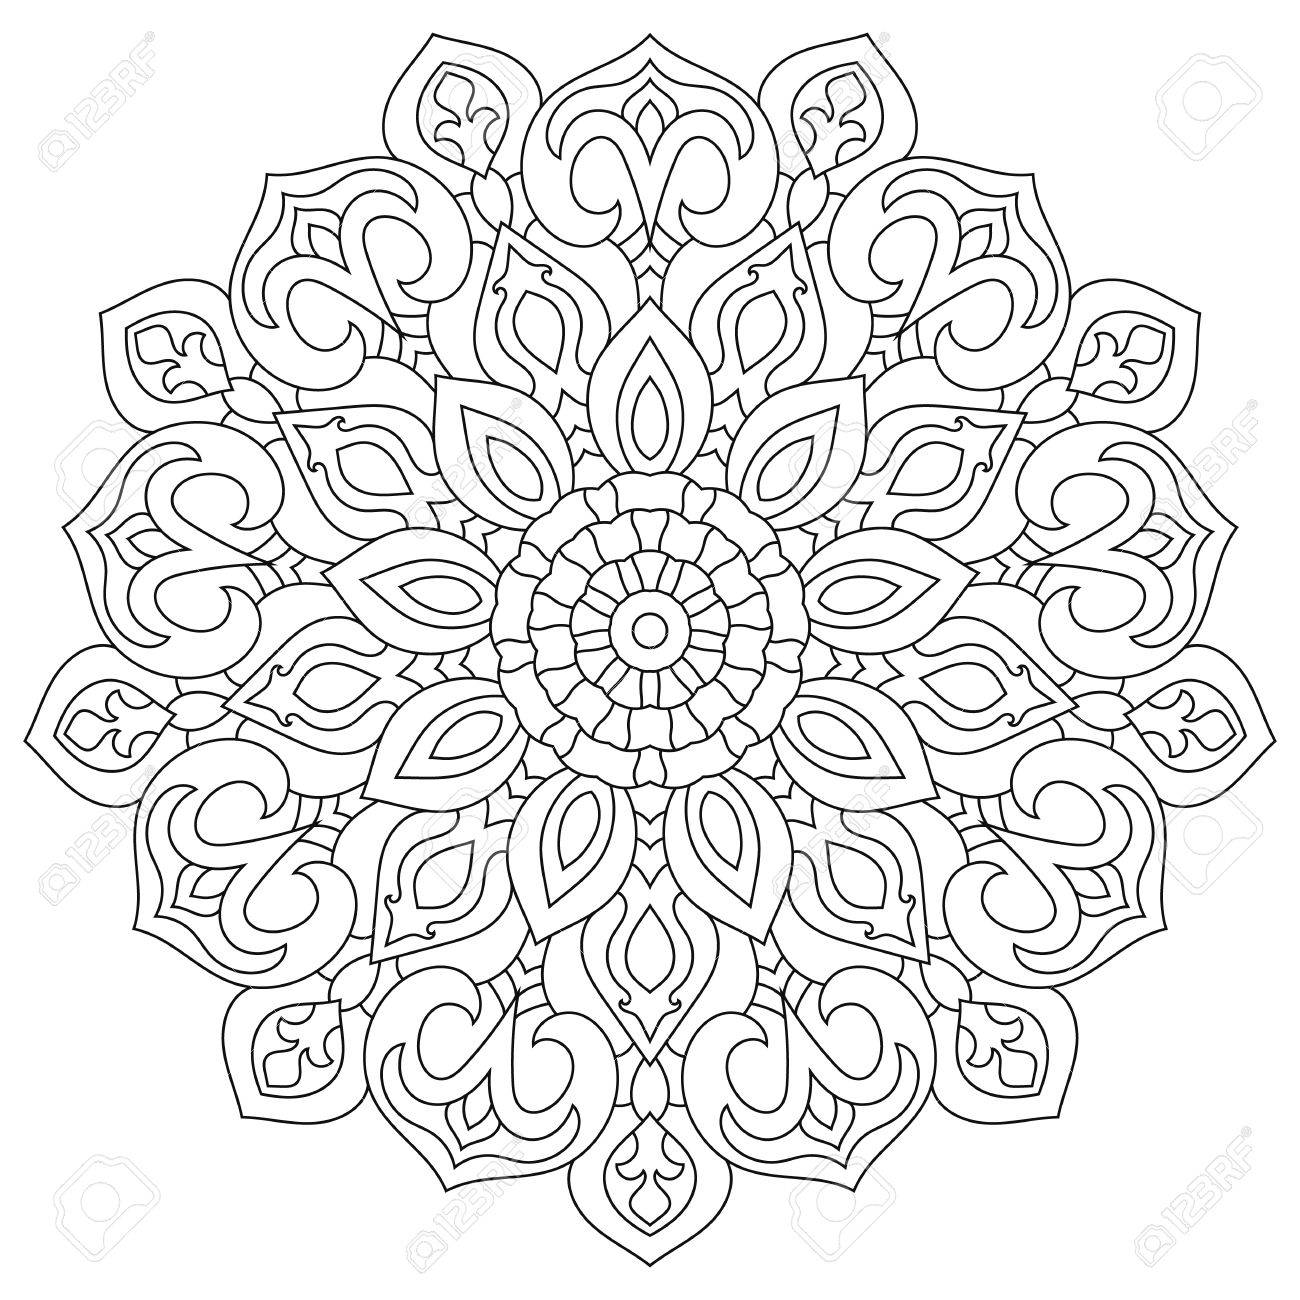 マンダラ塗り絵円形民族飾り用ラウンド の写真素材画像素材 Image